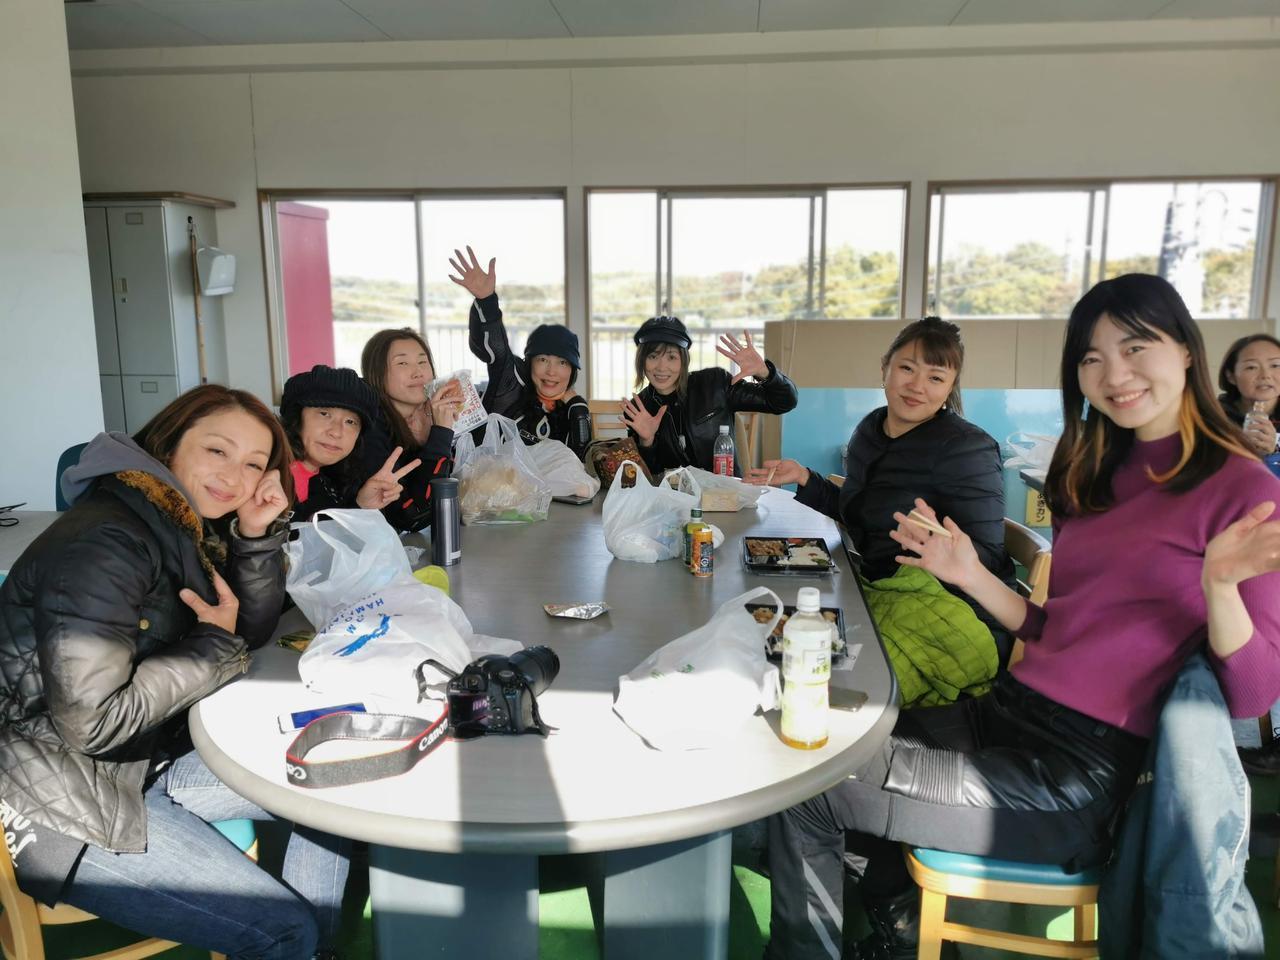 画像: お昼休みですね〜(^^)